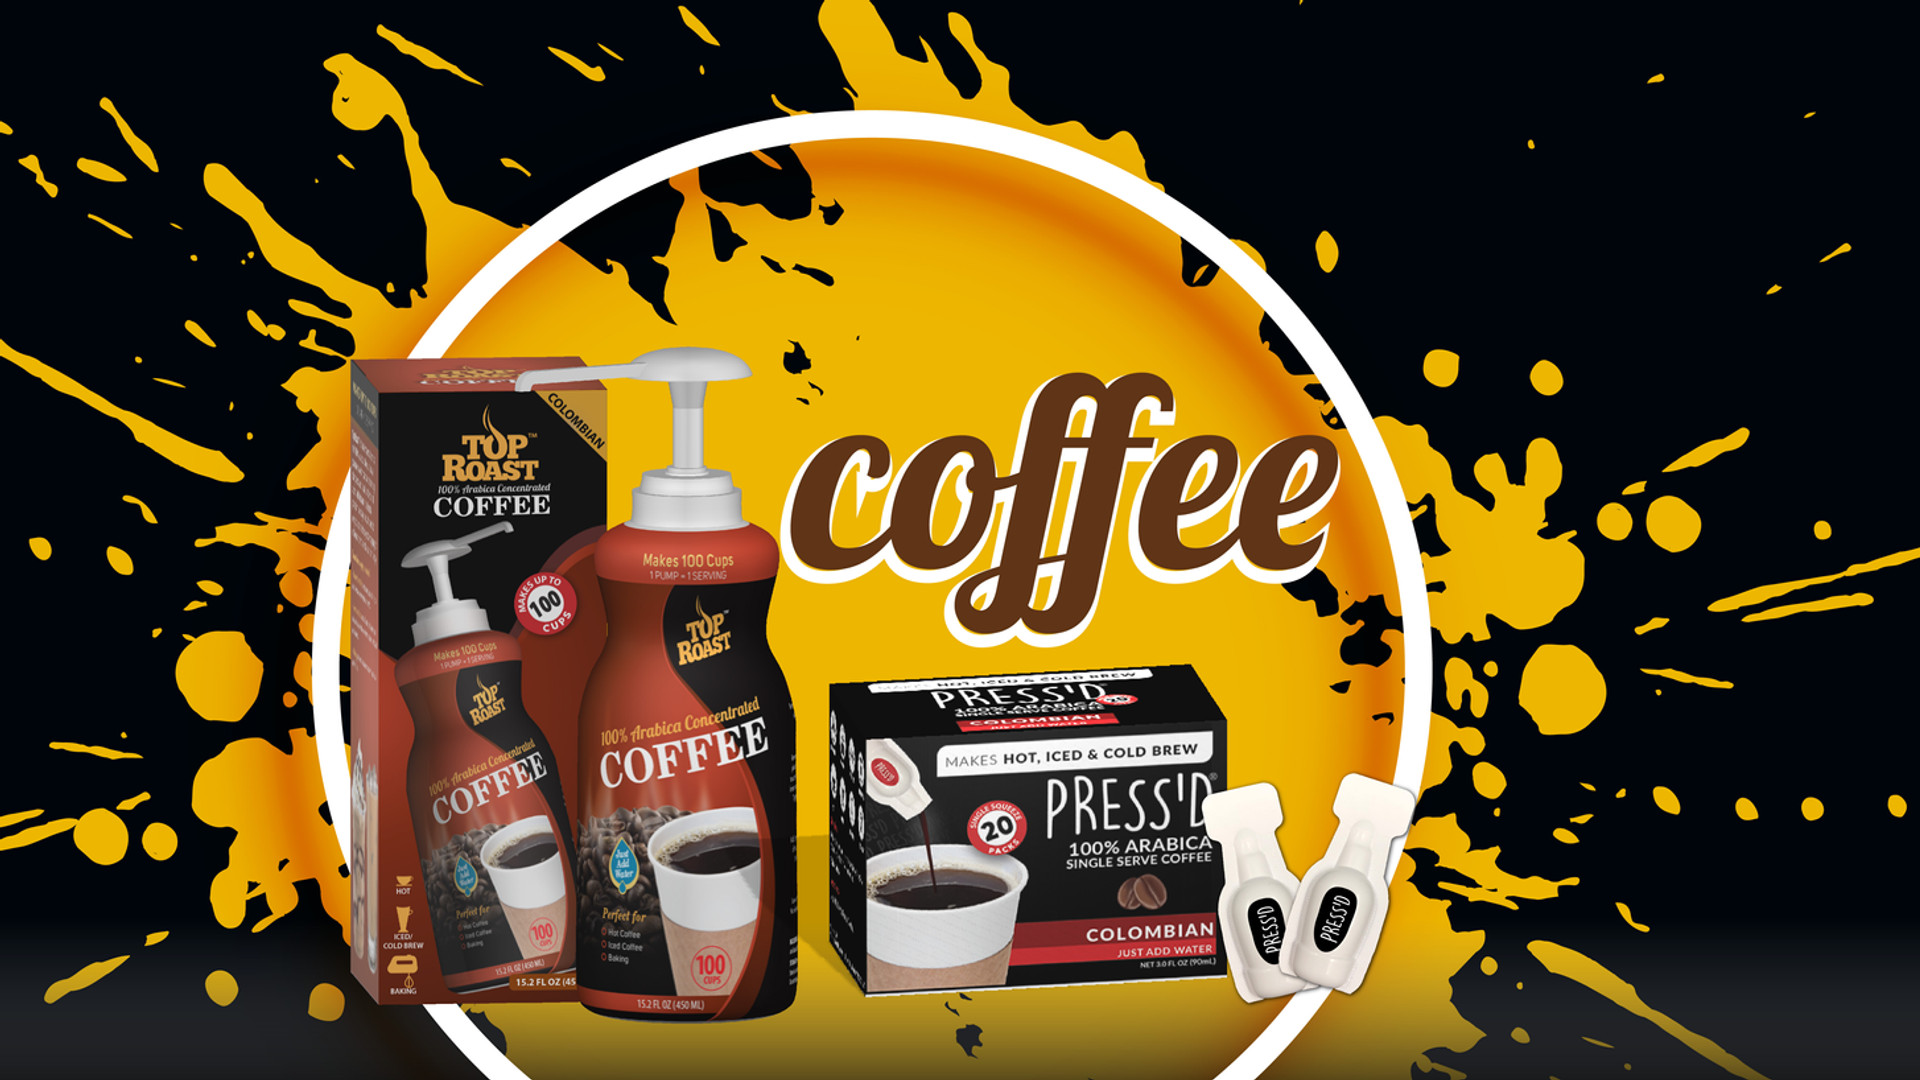 CoffeeMainEditable-03.jpg